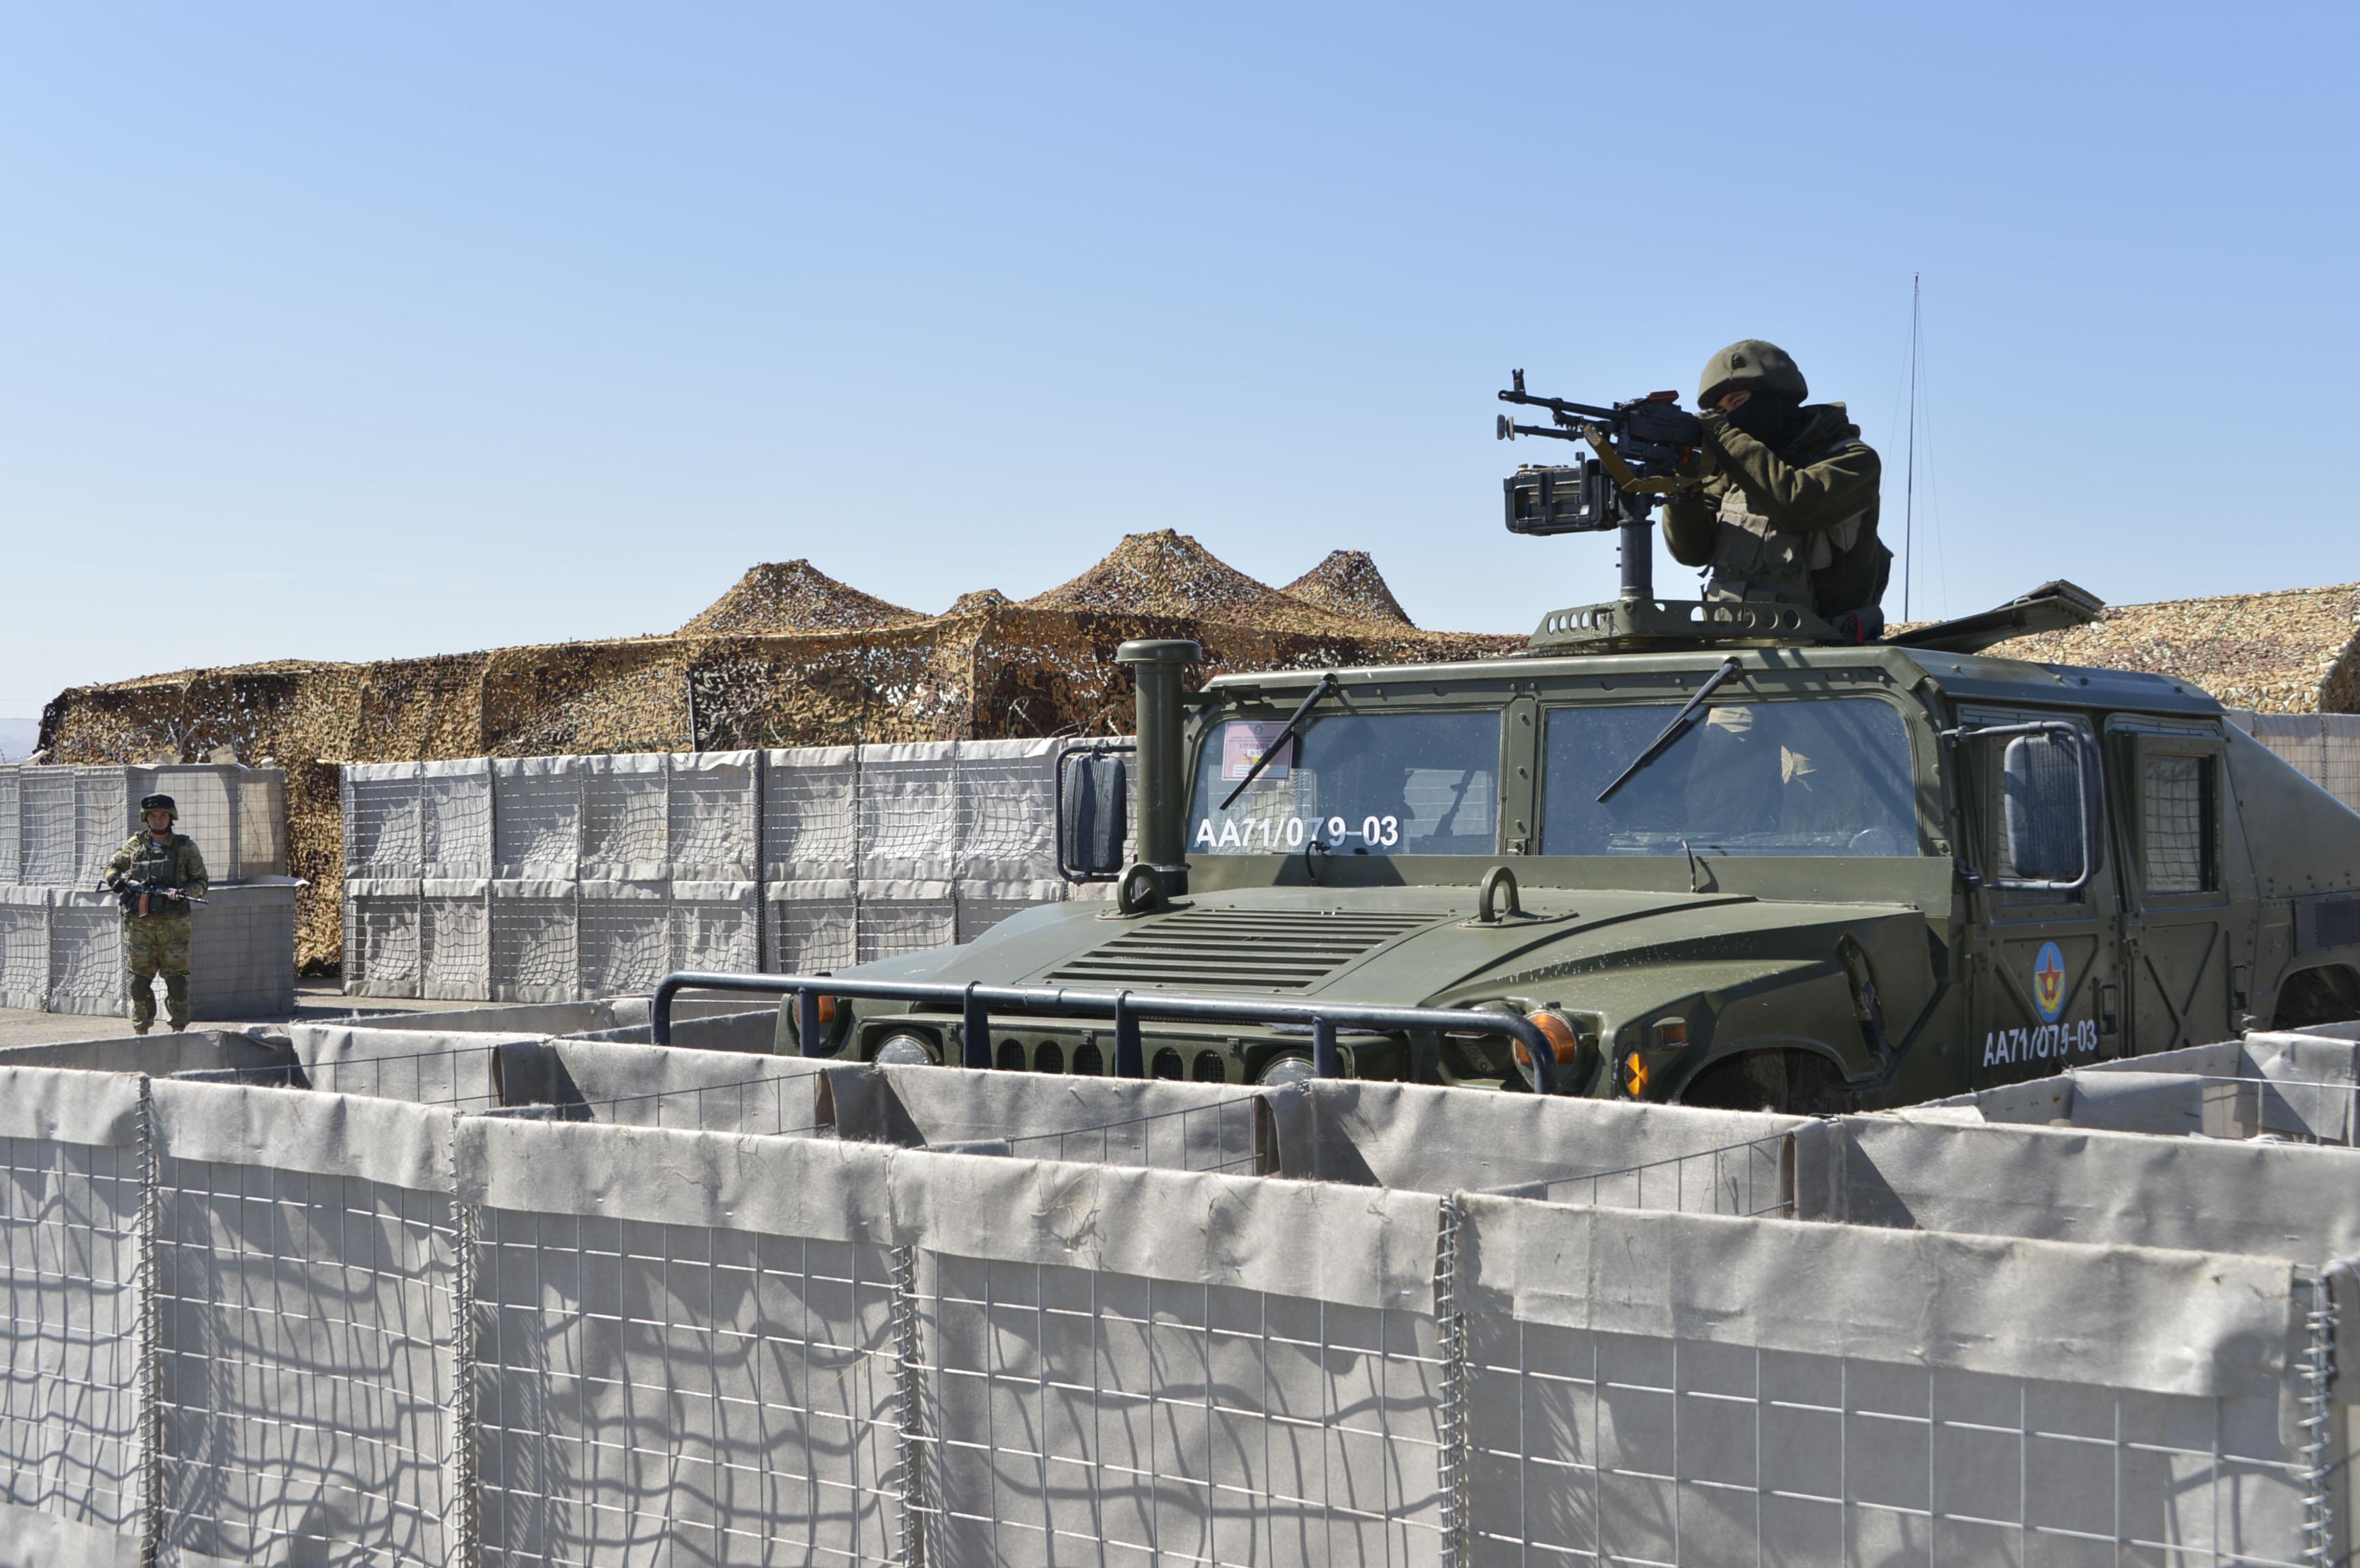 Войсковые разведчики и военный спецназ стран ОДКБ проведут тренировки в РК , Спецназ, ОДКБ , Тренировка